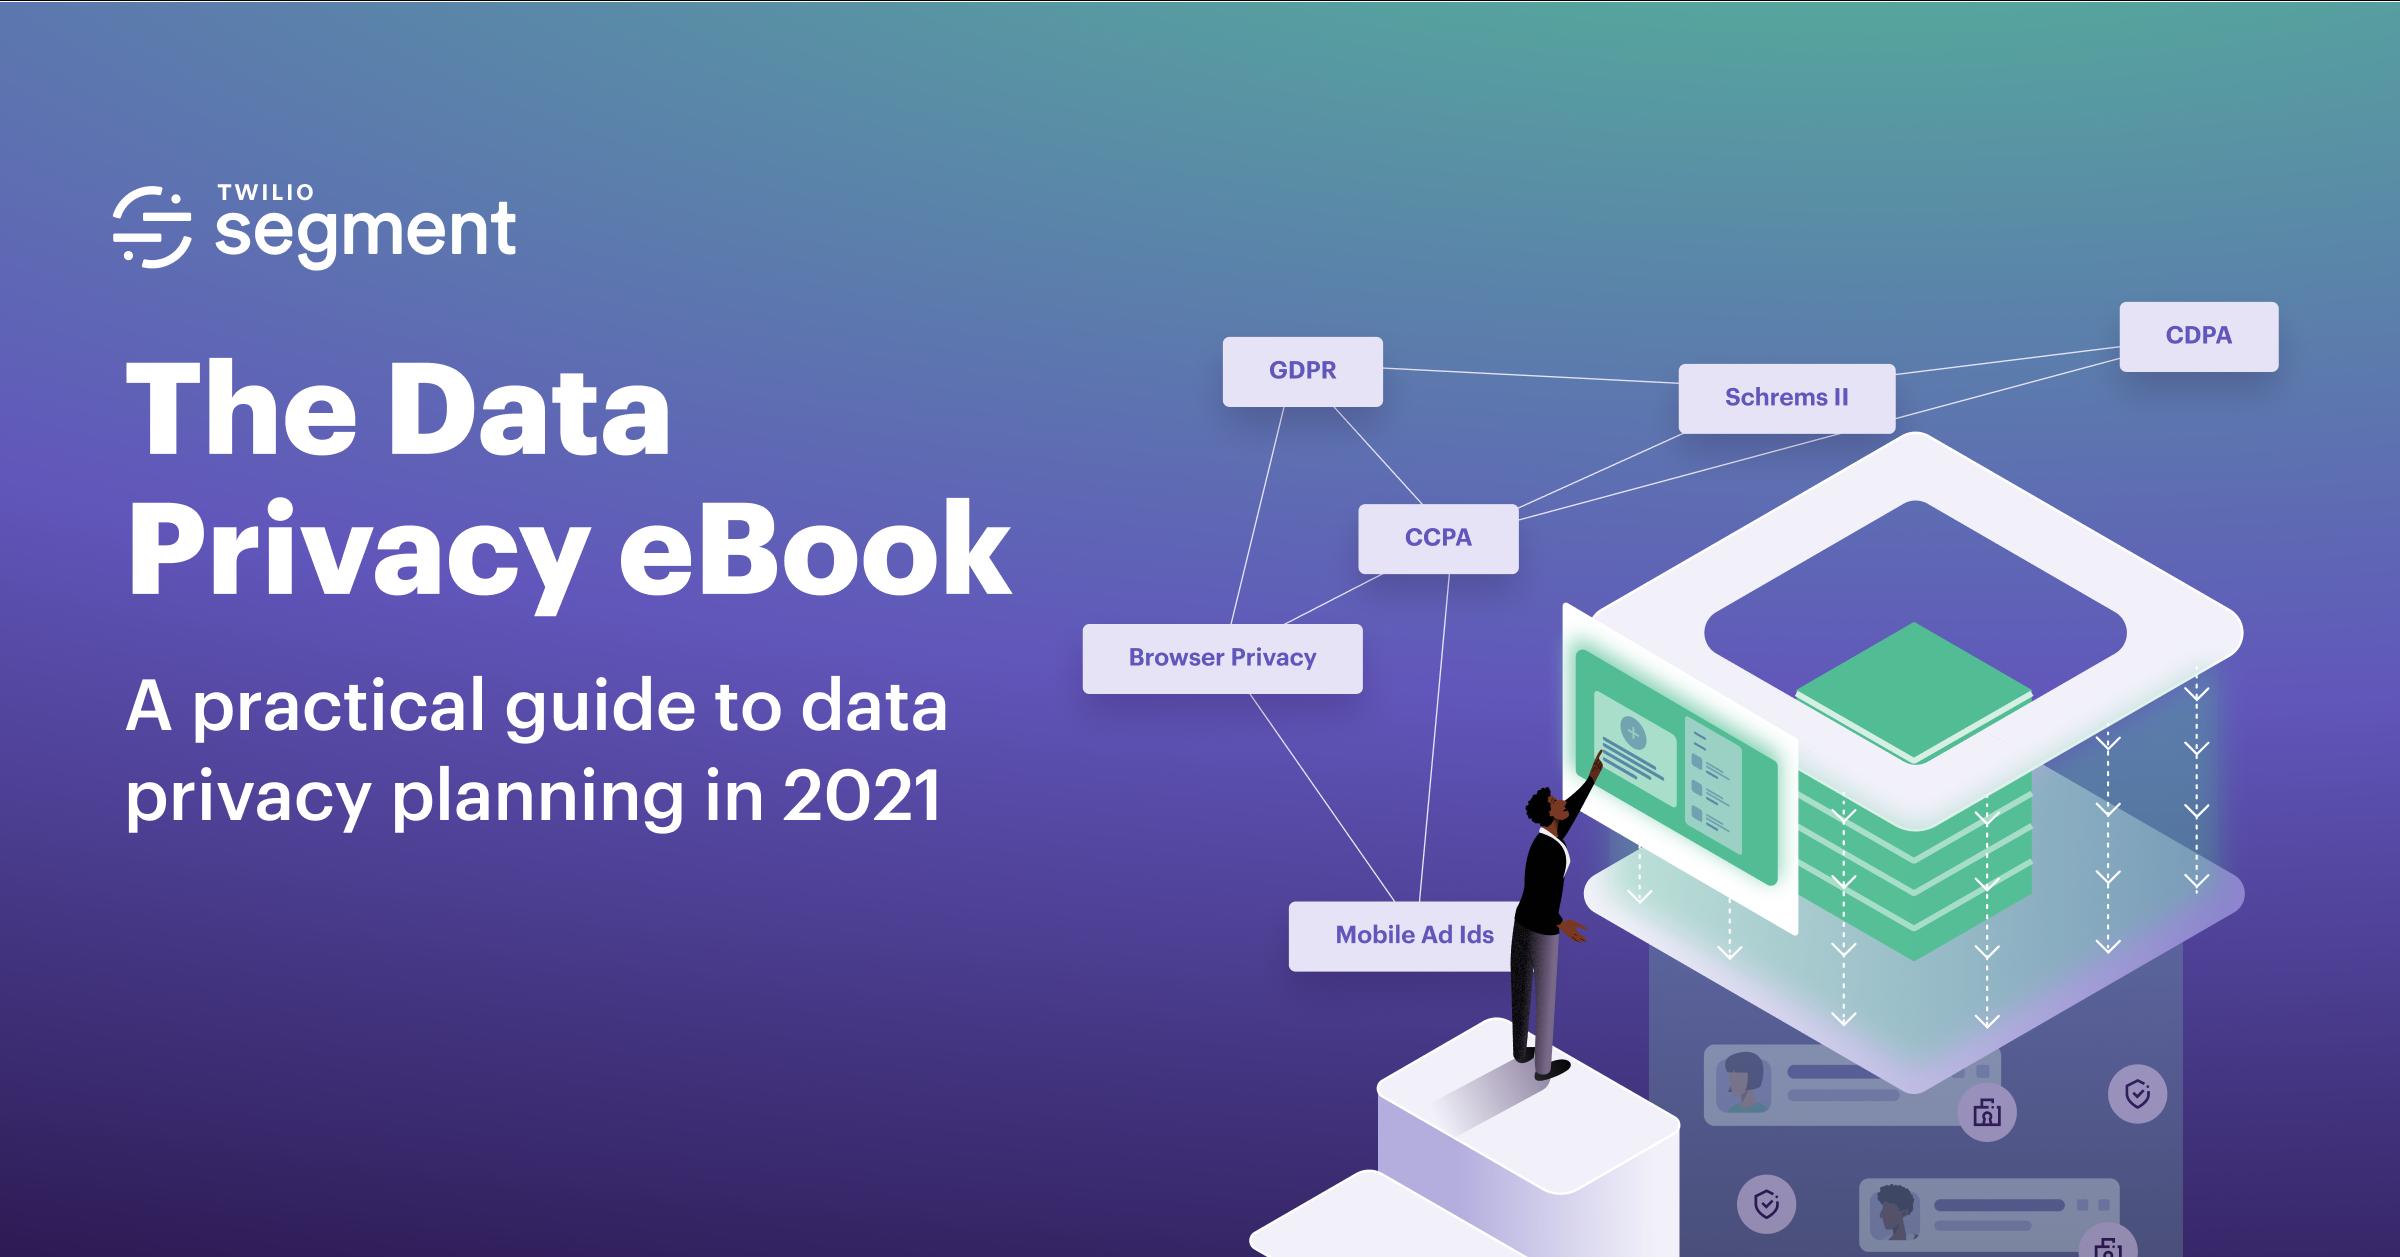 数据隐私电子书:2021年数据隐私计划的实用指南